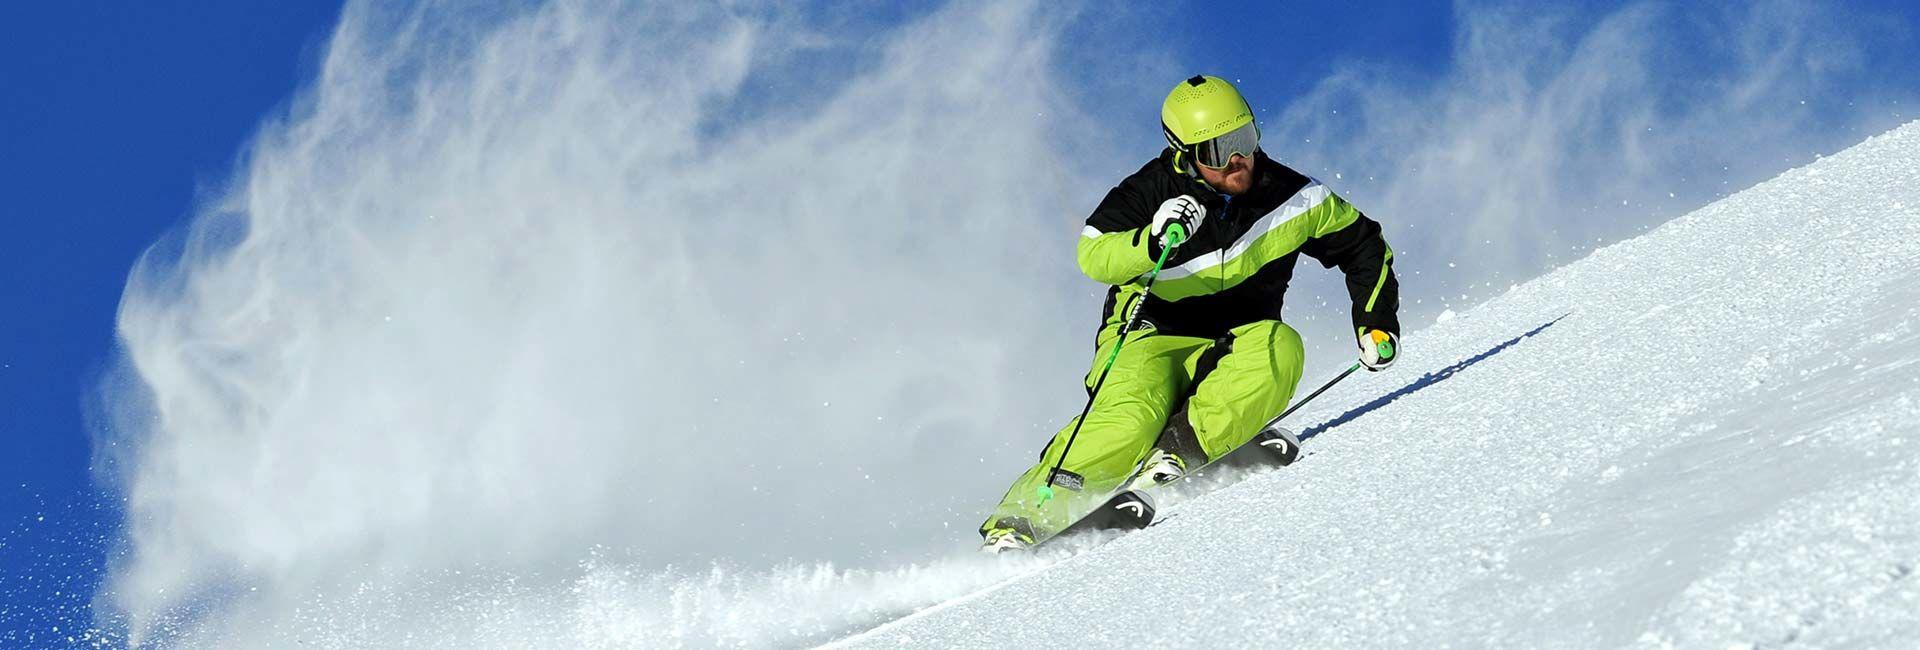 Samnaun Skigebiet Pauchale Vorsaisonwoche Hotel Romantica